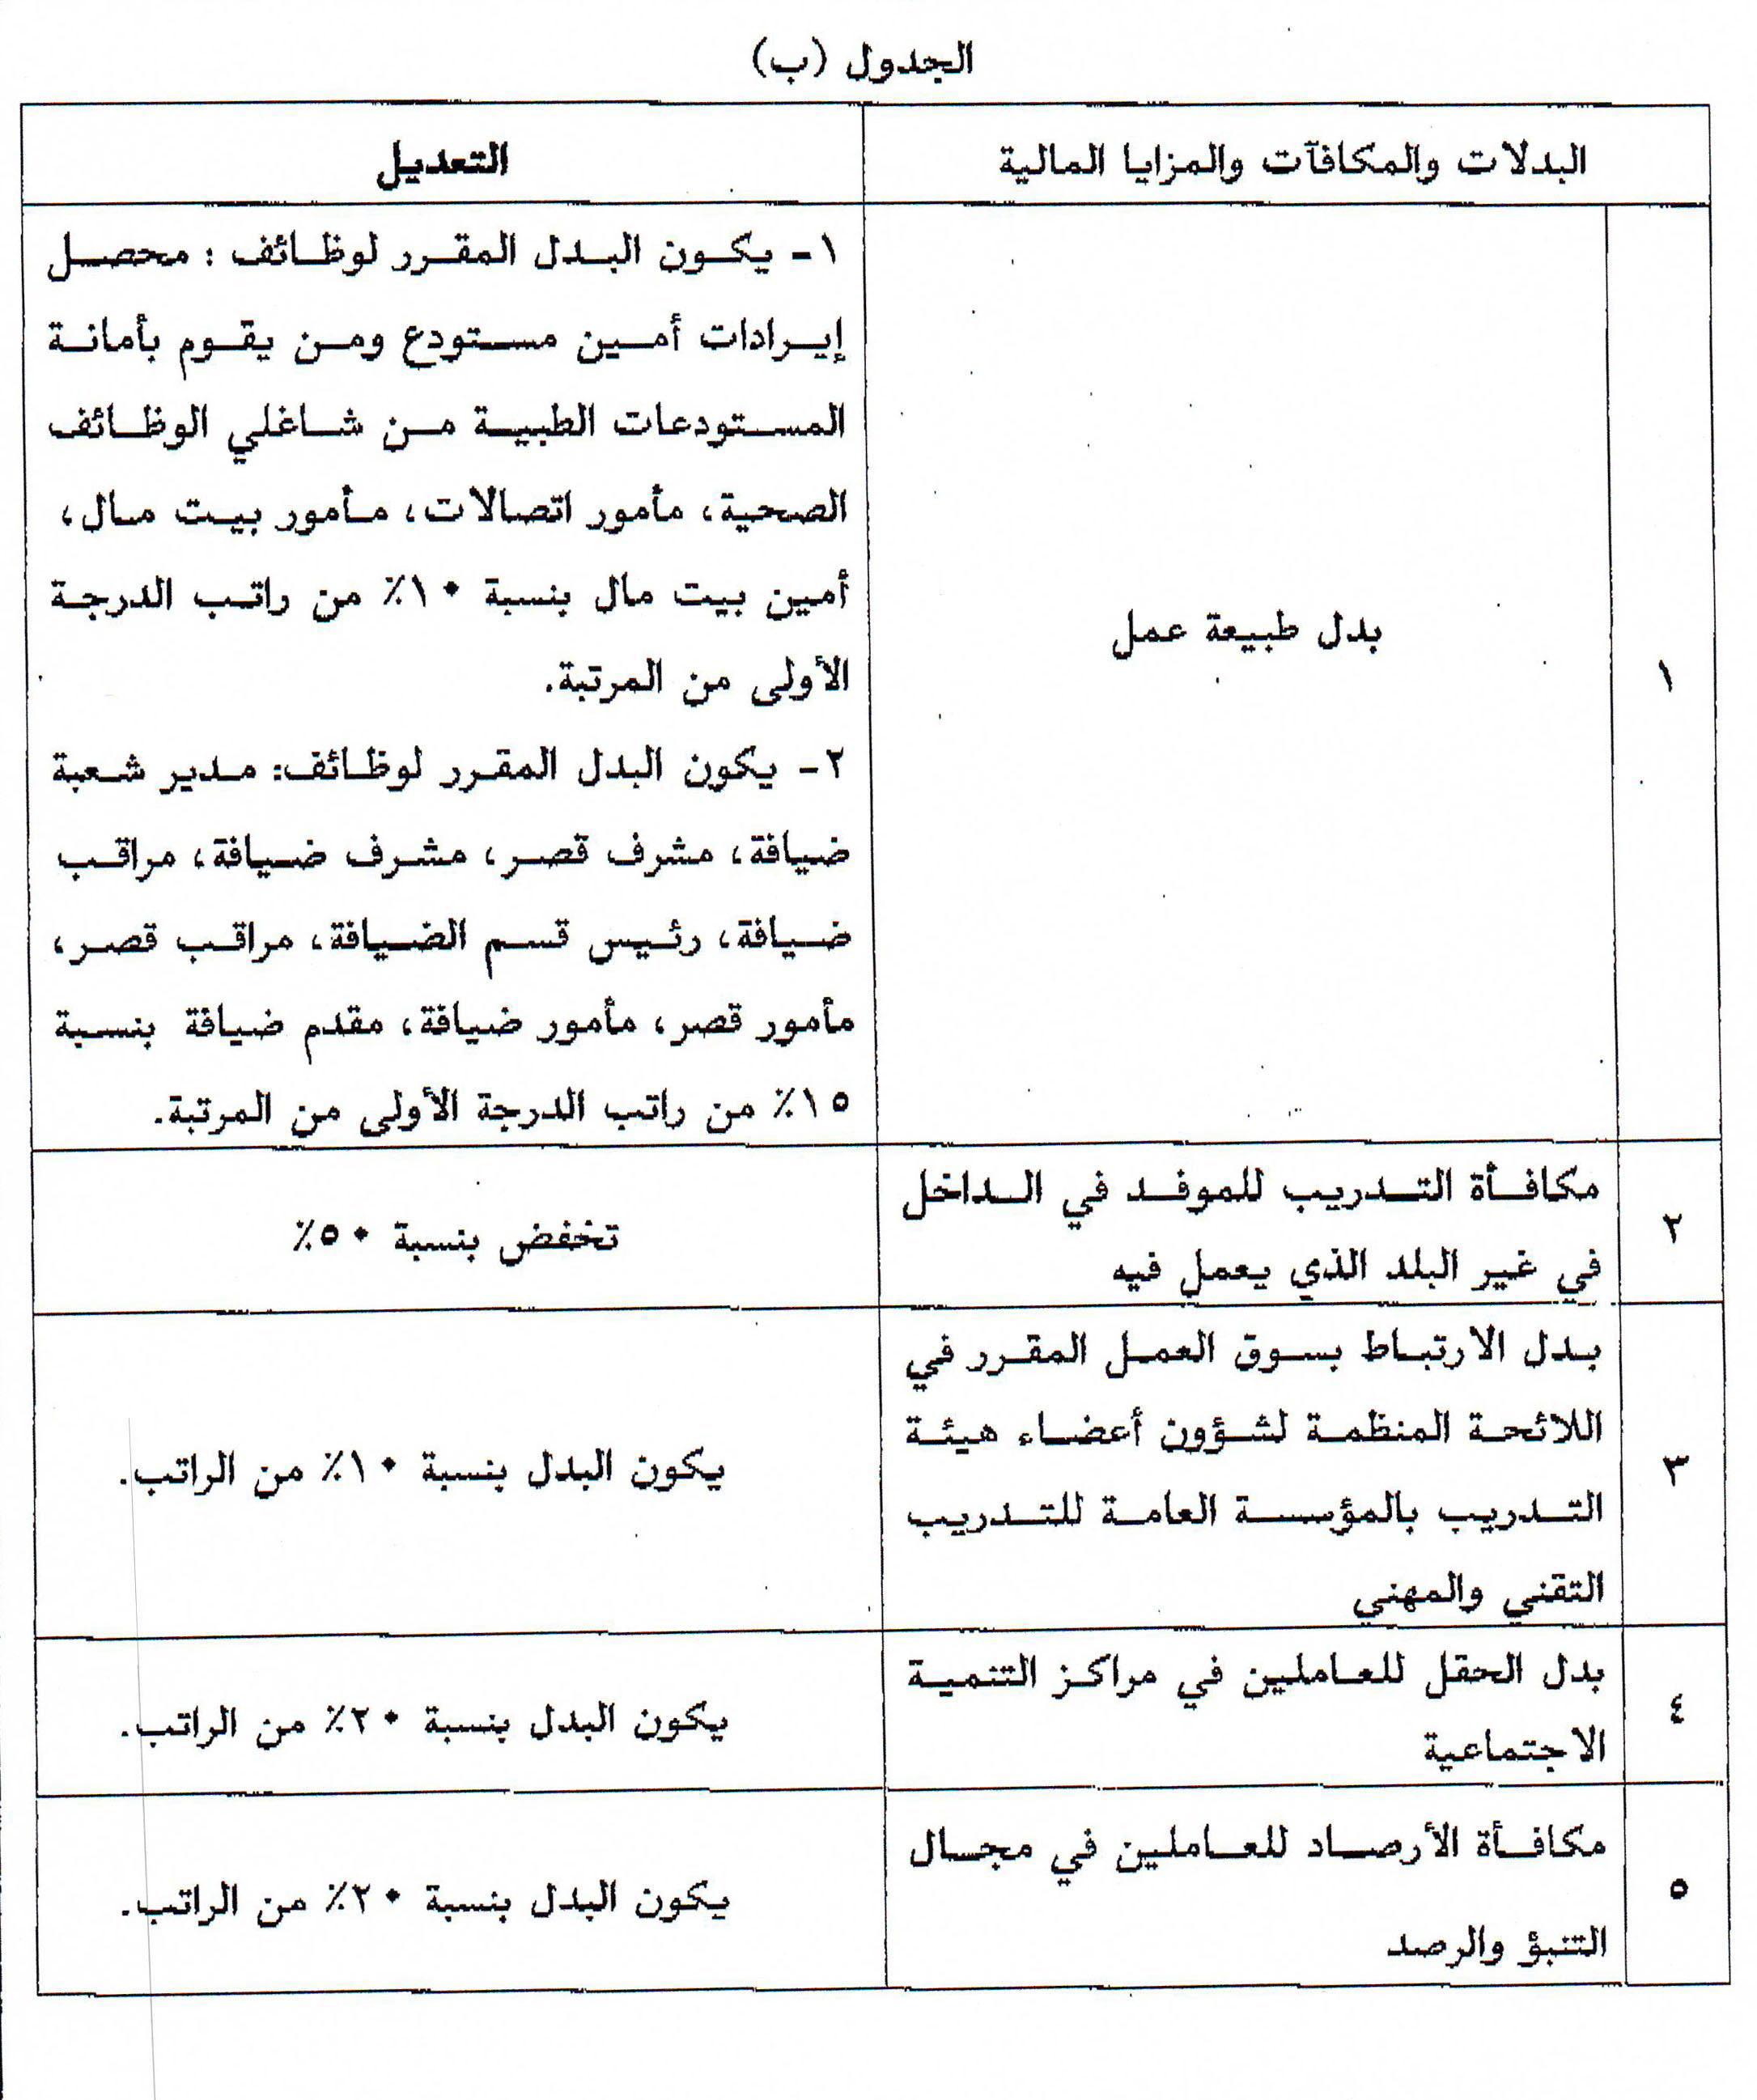 سلم رواتب المؤسسة العامة للتدريب التقني والمهني 1439 Asyalafi Blogspot Com